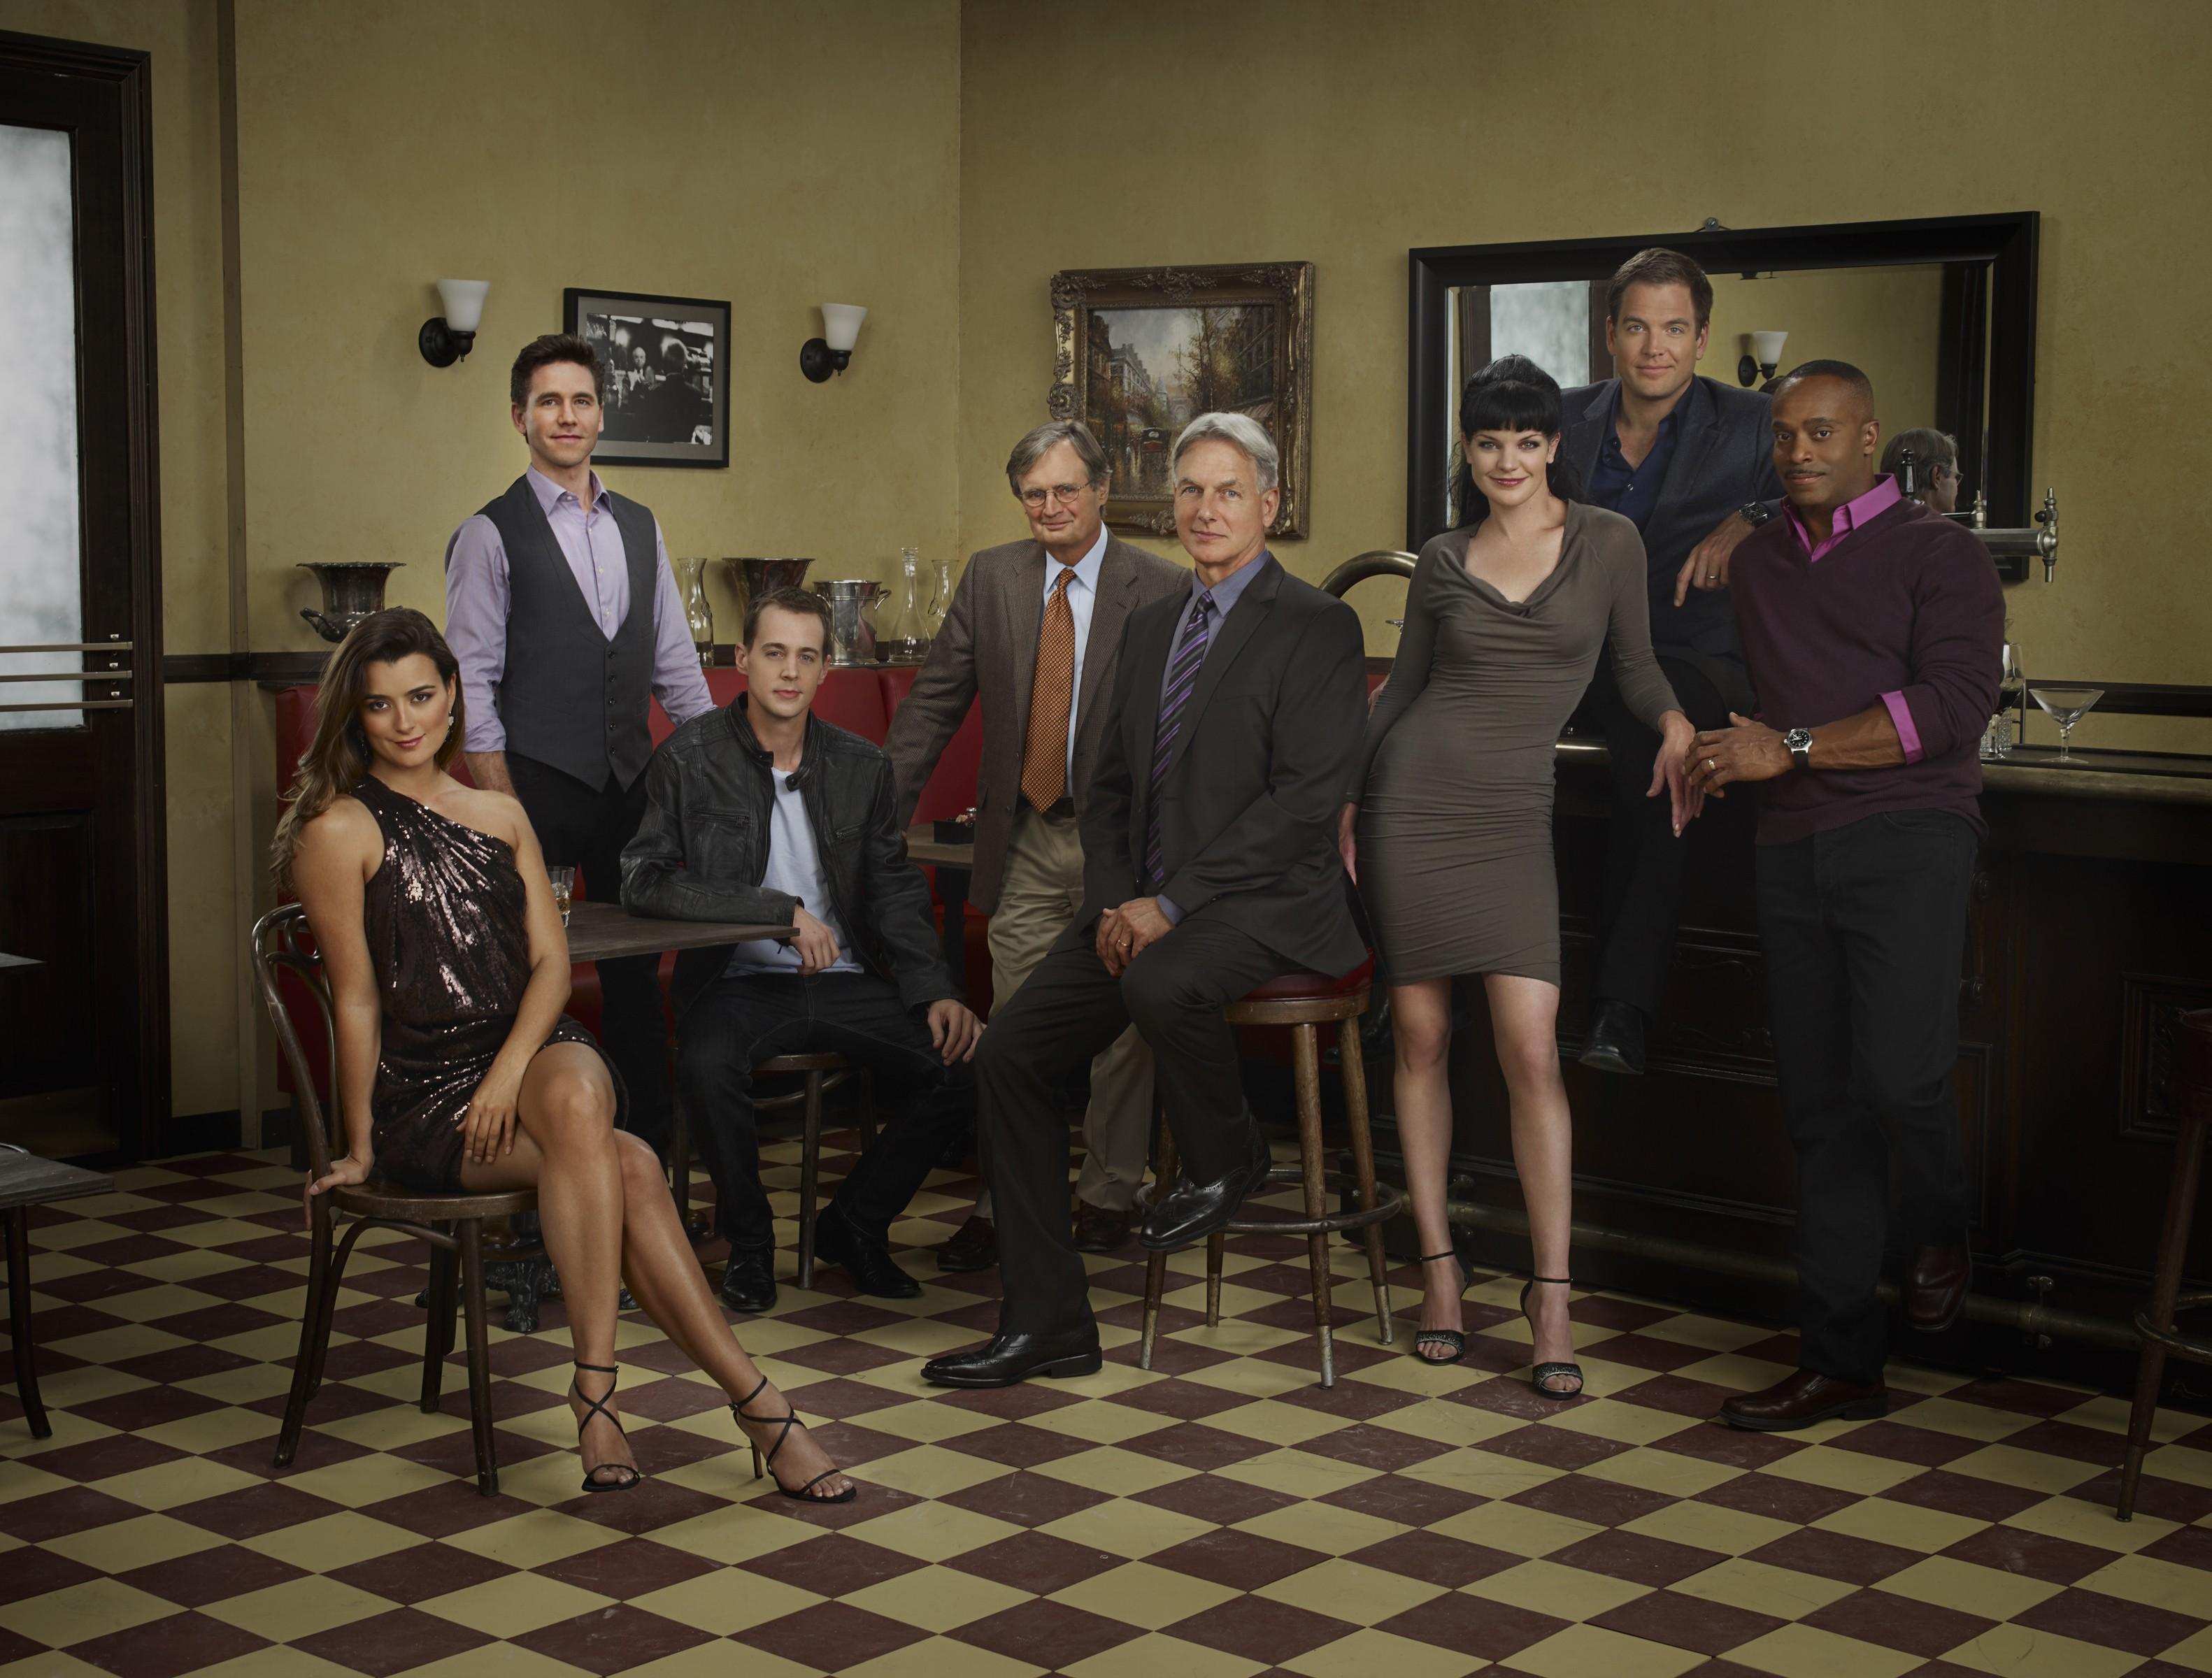 Wallpaper: il cast di NCIS in una foto promozionale per l'ottava stagione